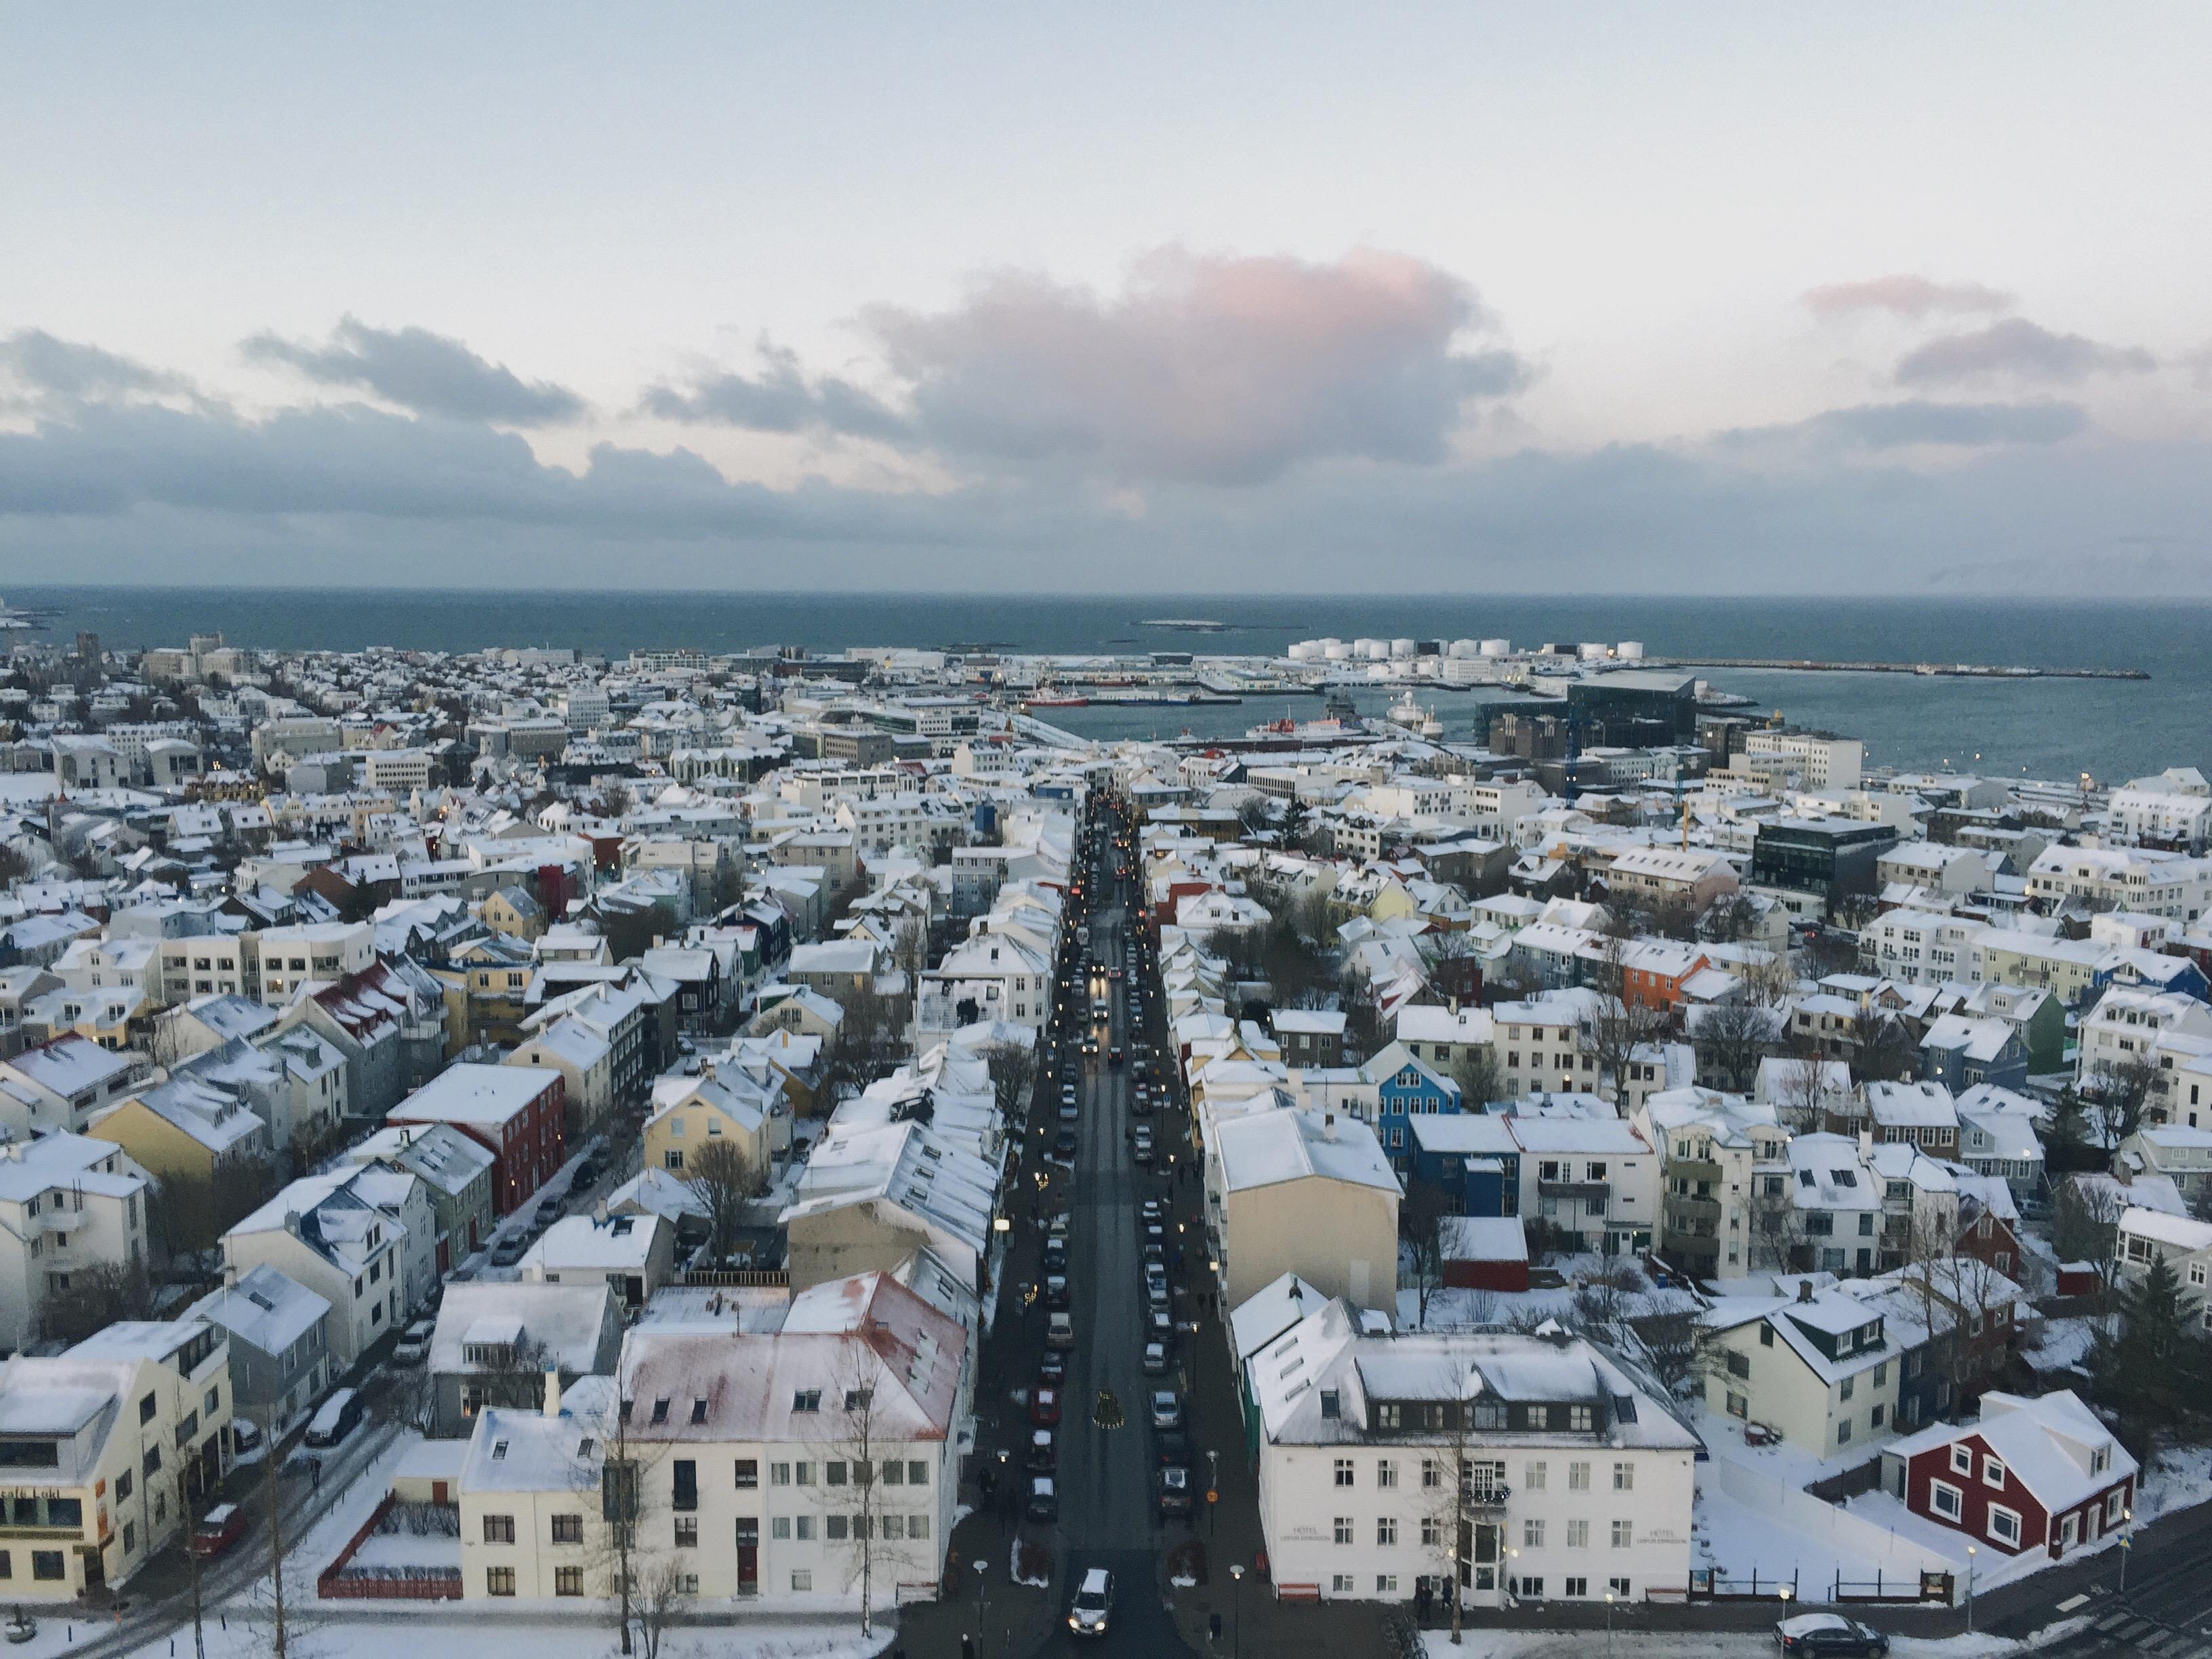 Les maisons colorées du centre de Reykjavík sont visibles depuis le sommet du monument le plus célèbre de la capitale, Hallgrímskirkja.